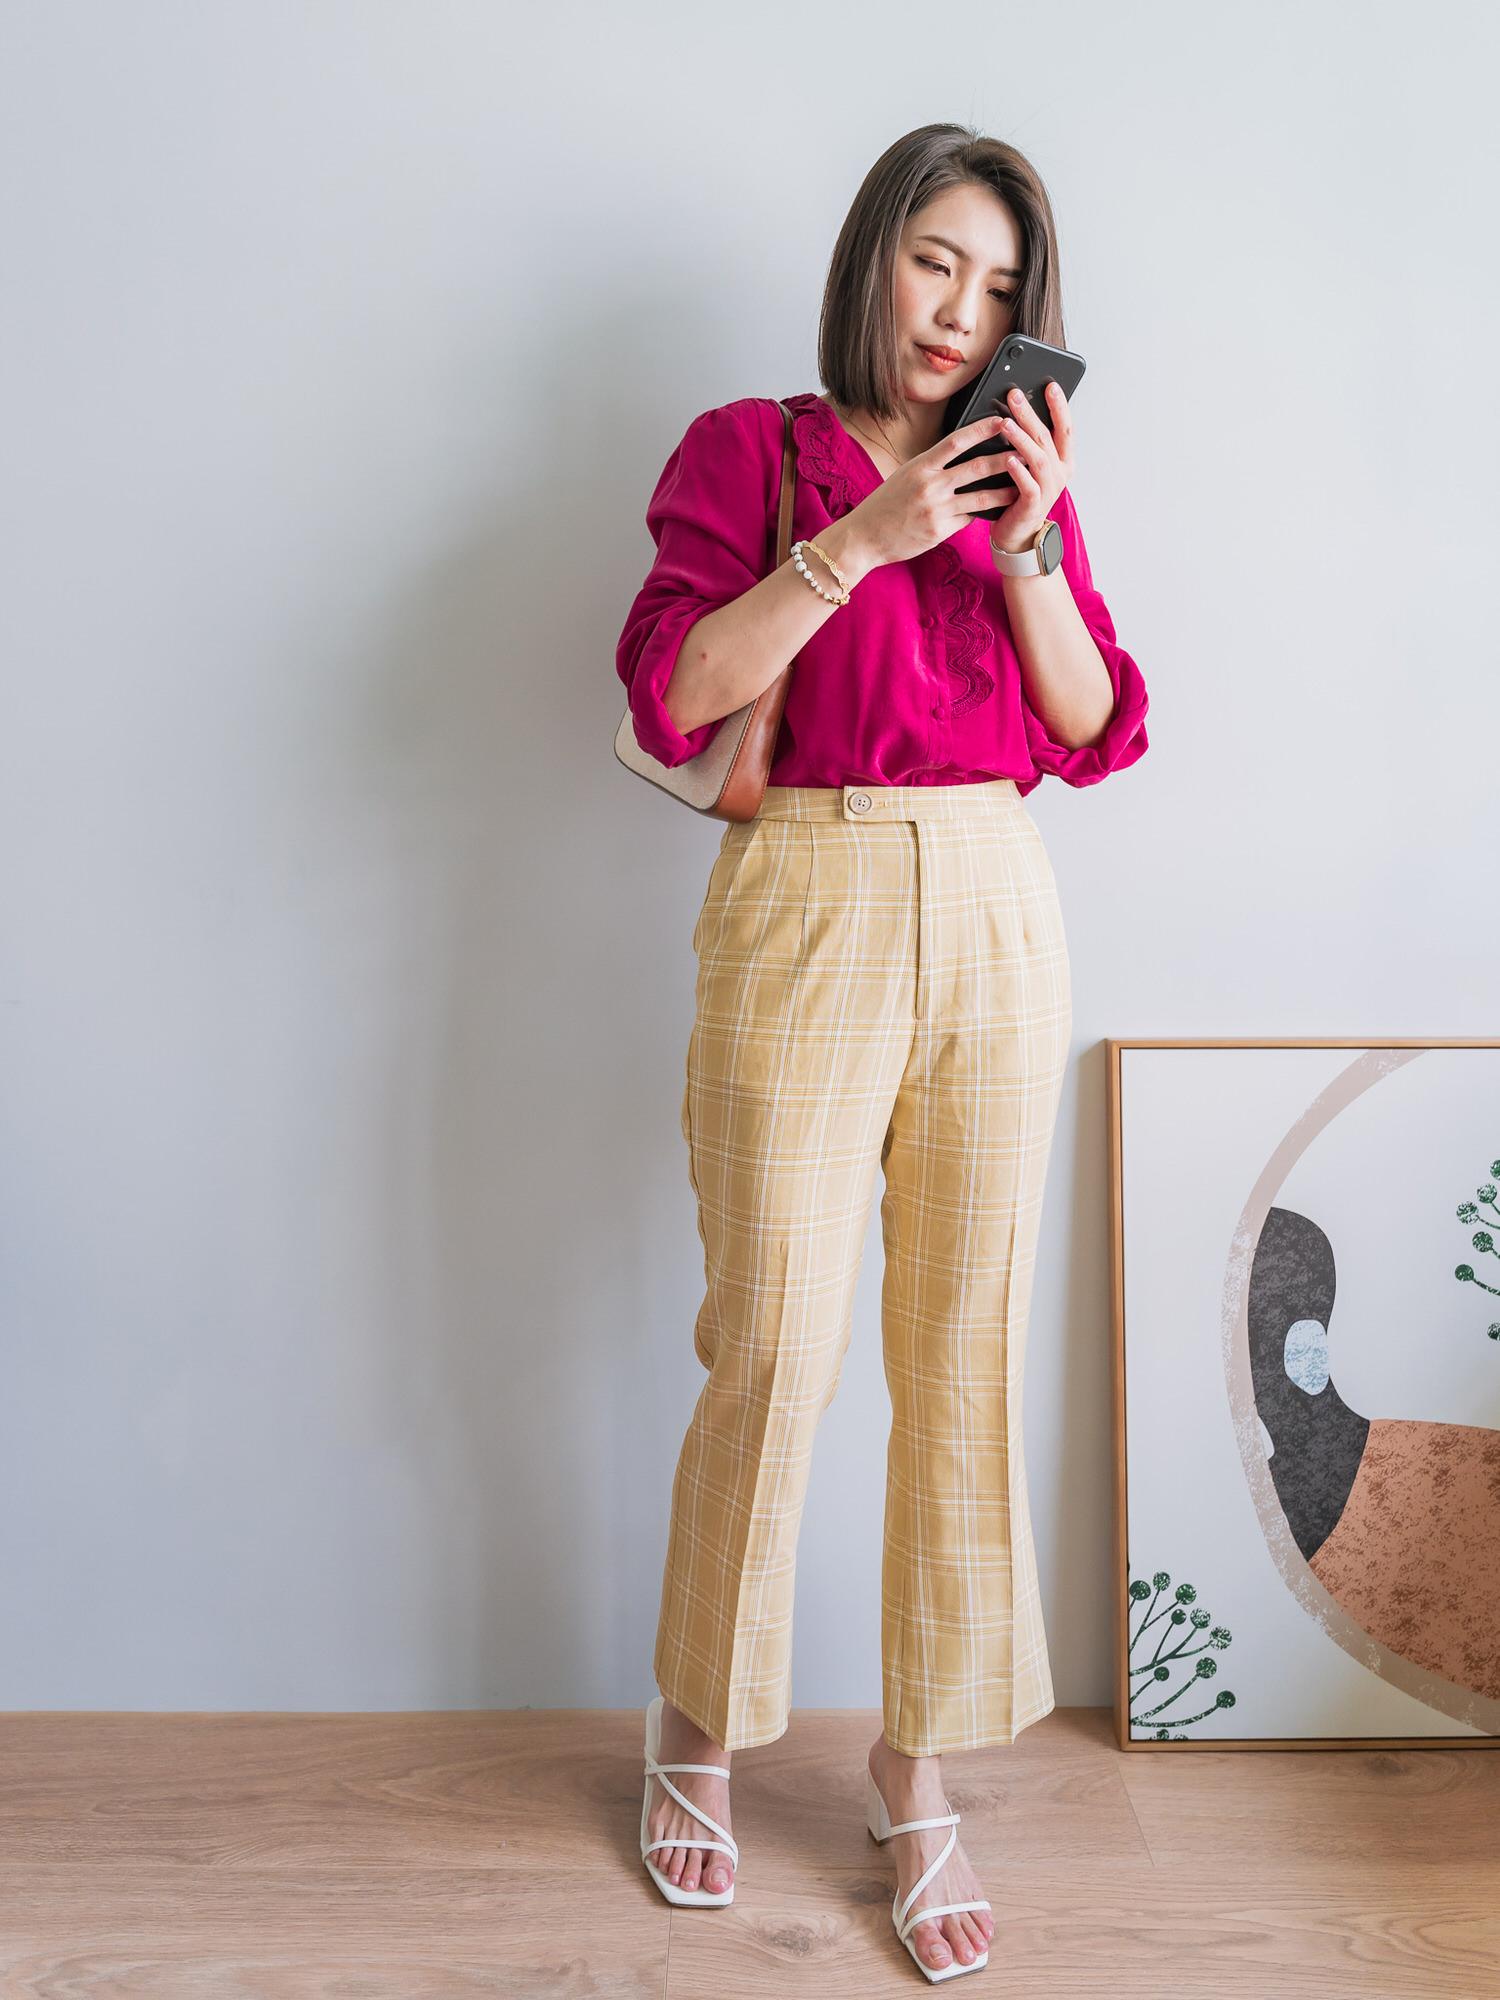 秋天の濃郁色調,桃紅色Sezane Chloé Shirt 絲質襯衫穿搭